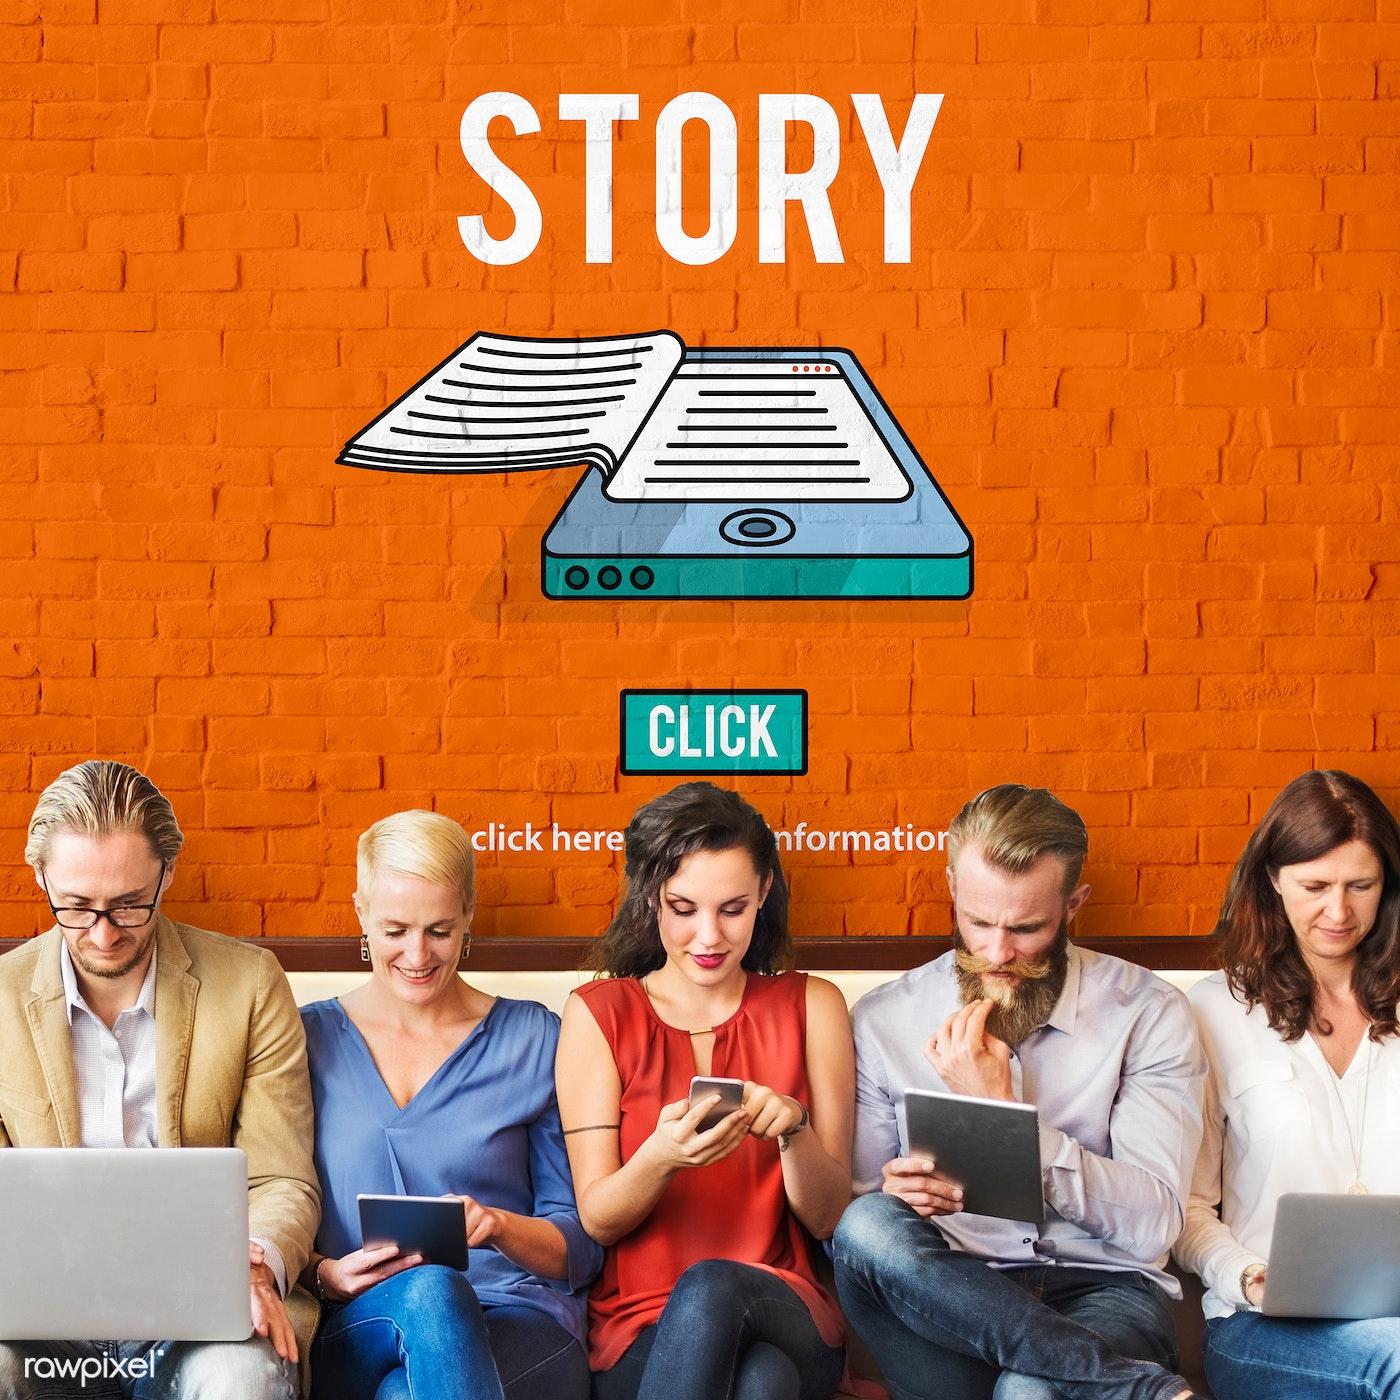 Storytelling on social media